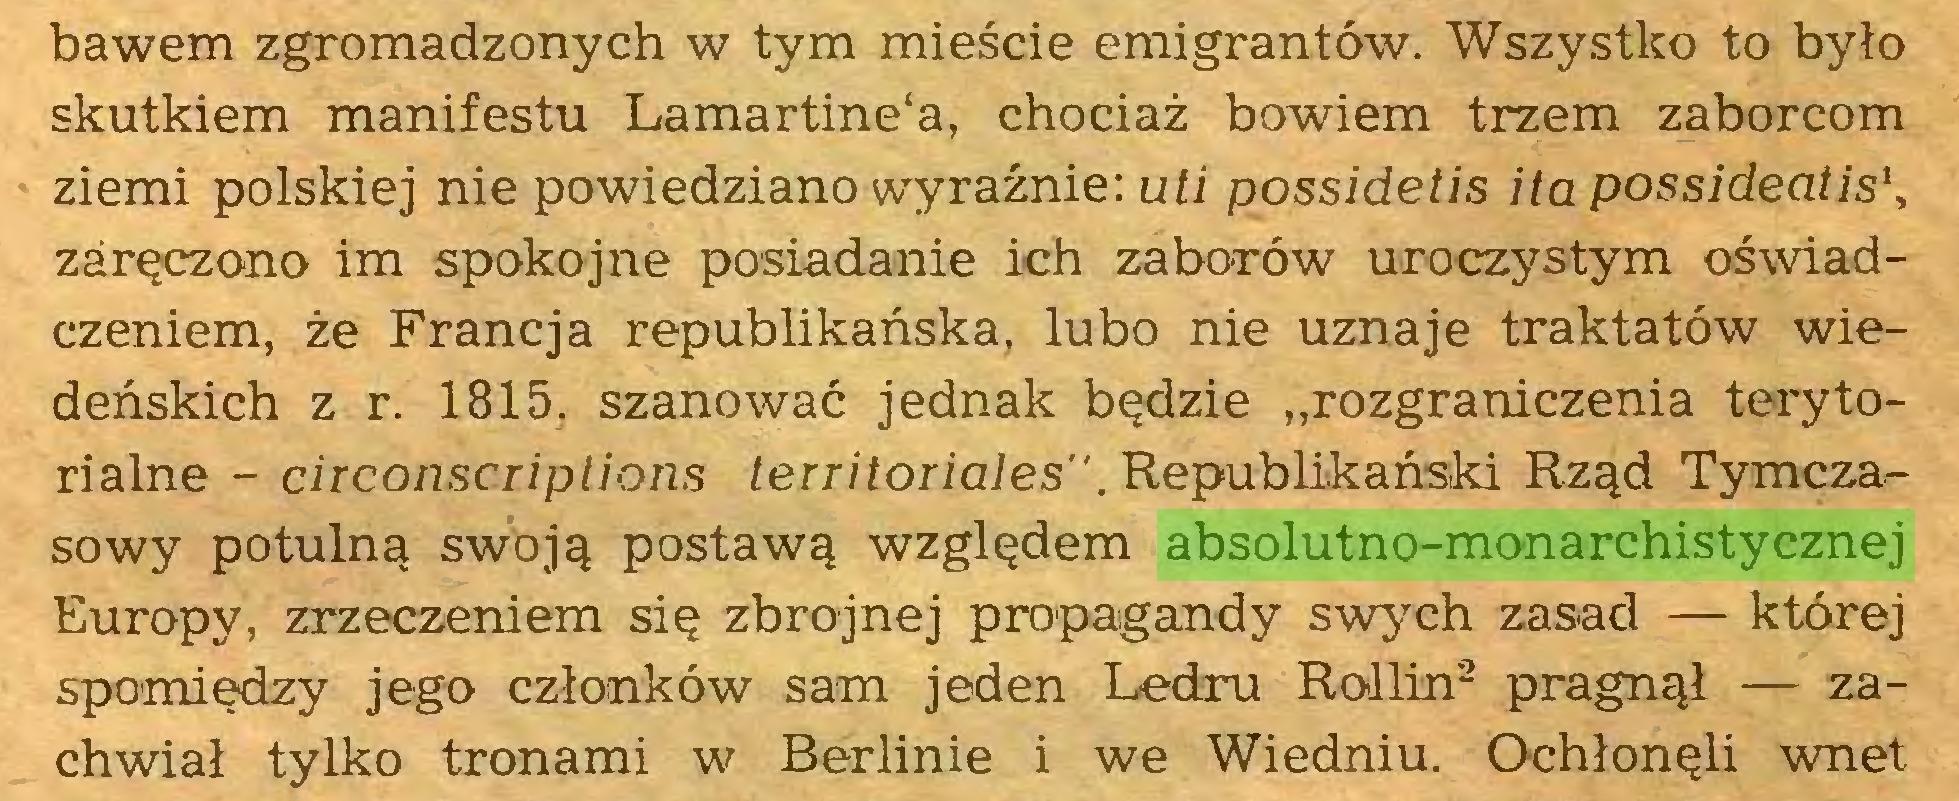 """(...) bawem zgromadzonych w tym mieście emigrantów. Wszystko to było skutkiem manifestu Lamartine'a, chociaż bowiem trzem zaborcom ziemi polskiej nie powiedziano wyraźnie: uh possidetis itapossideatis\ zaręczono im spokojne posiadanie ich zaborów uroczystym oświadczeniem, że Francja republikańska, lubo nie uznaje traktatów wiedeńskich z r. 1815. szanować jednak będzie """"rozgraniczenia terytorialne - circonscriptions territoriales"""". Republikański Rząd Tymczasowy potulną swoją postawą względem absolutno-monarchistycznej Europy, zrzeczeniem się zbrojnej propagandy swych zasad — której spomiędzy jego członków sam jeden Ledru Rollin1  2 pragnął — zachwiał tylko tronami w Berlinie i we Wiedniu. Ochłonęli wnet..."""